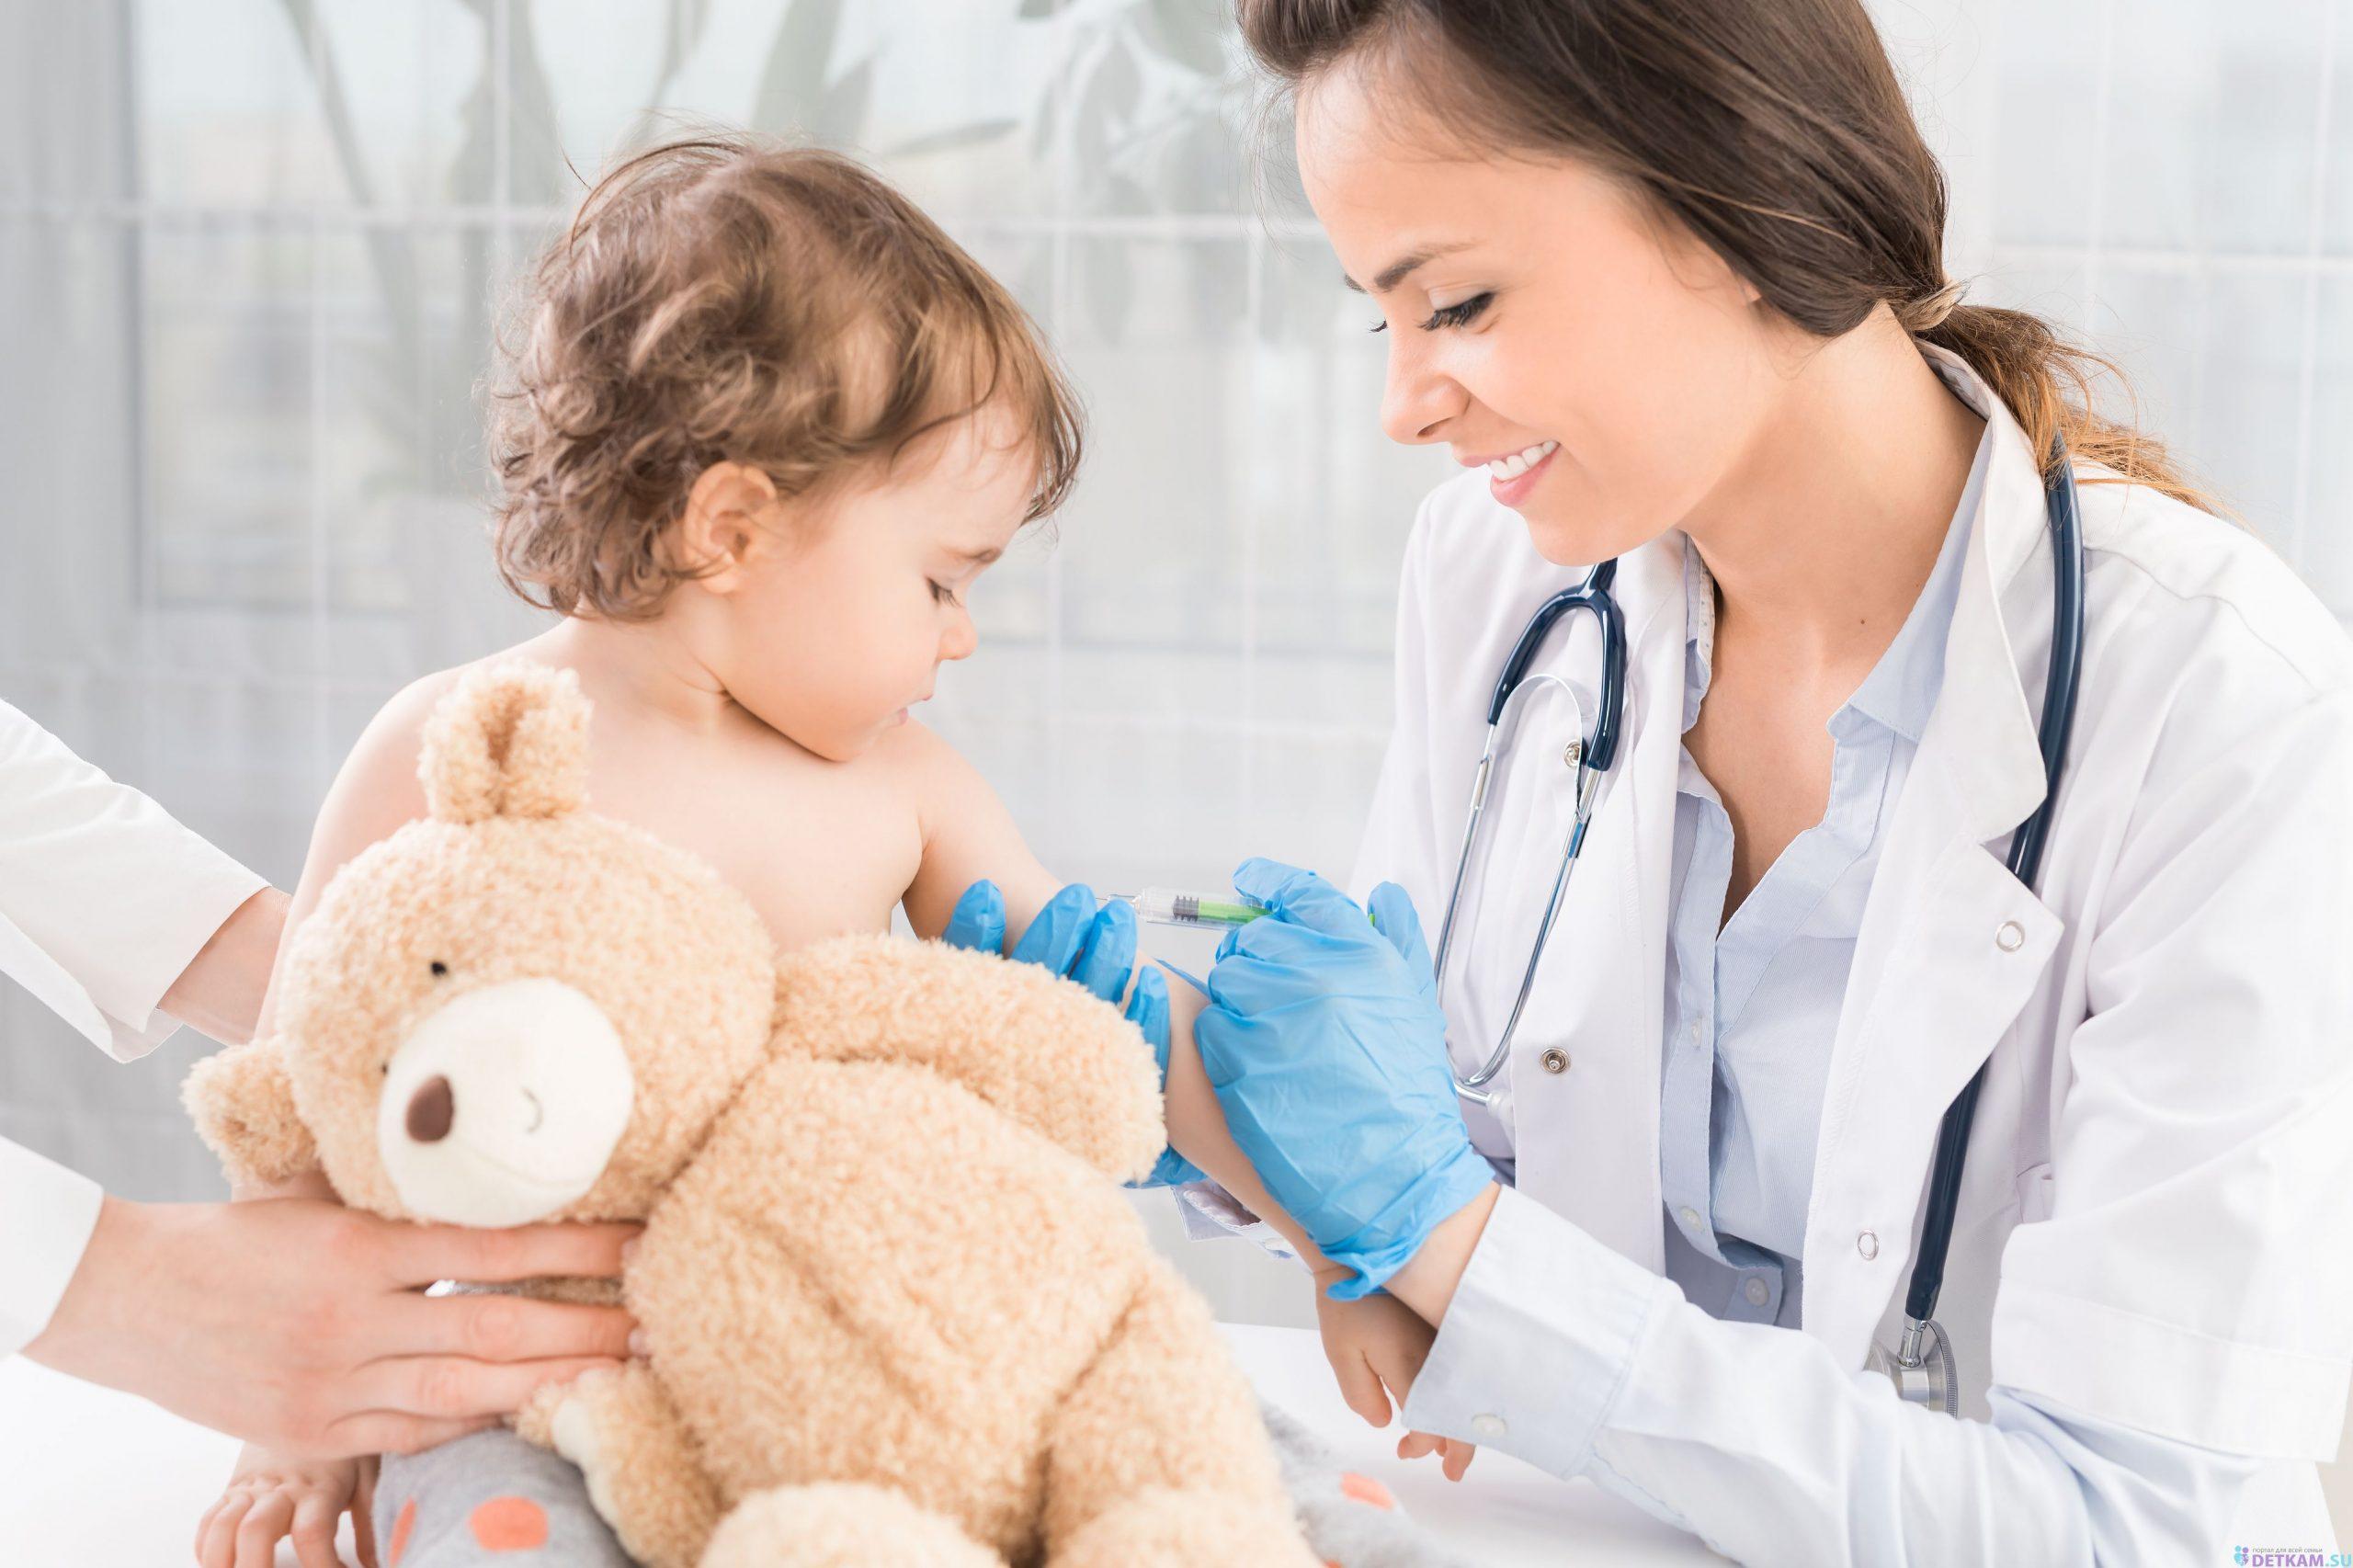 کاهش درد واکسن نوزاد با روش های مناسب